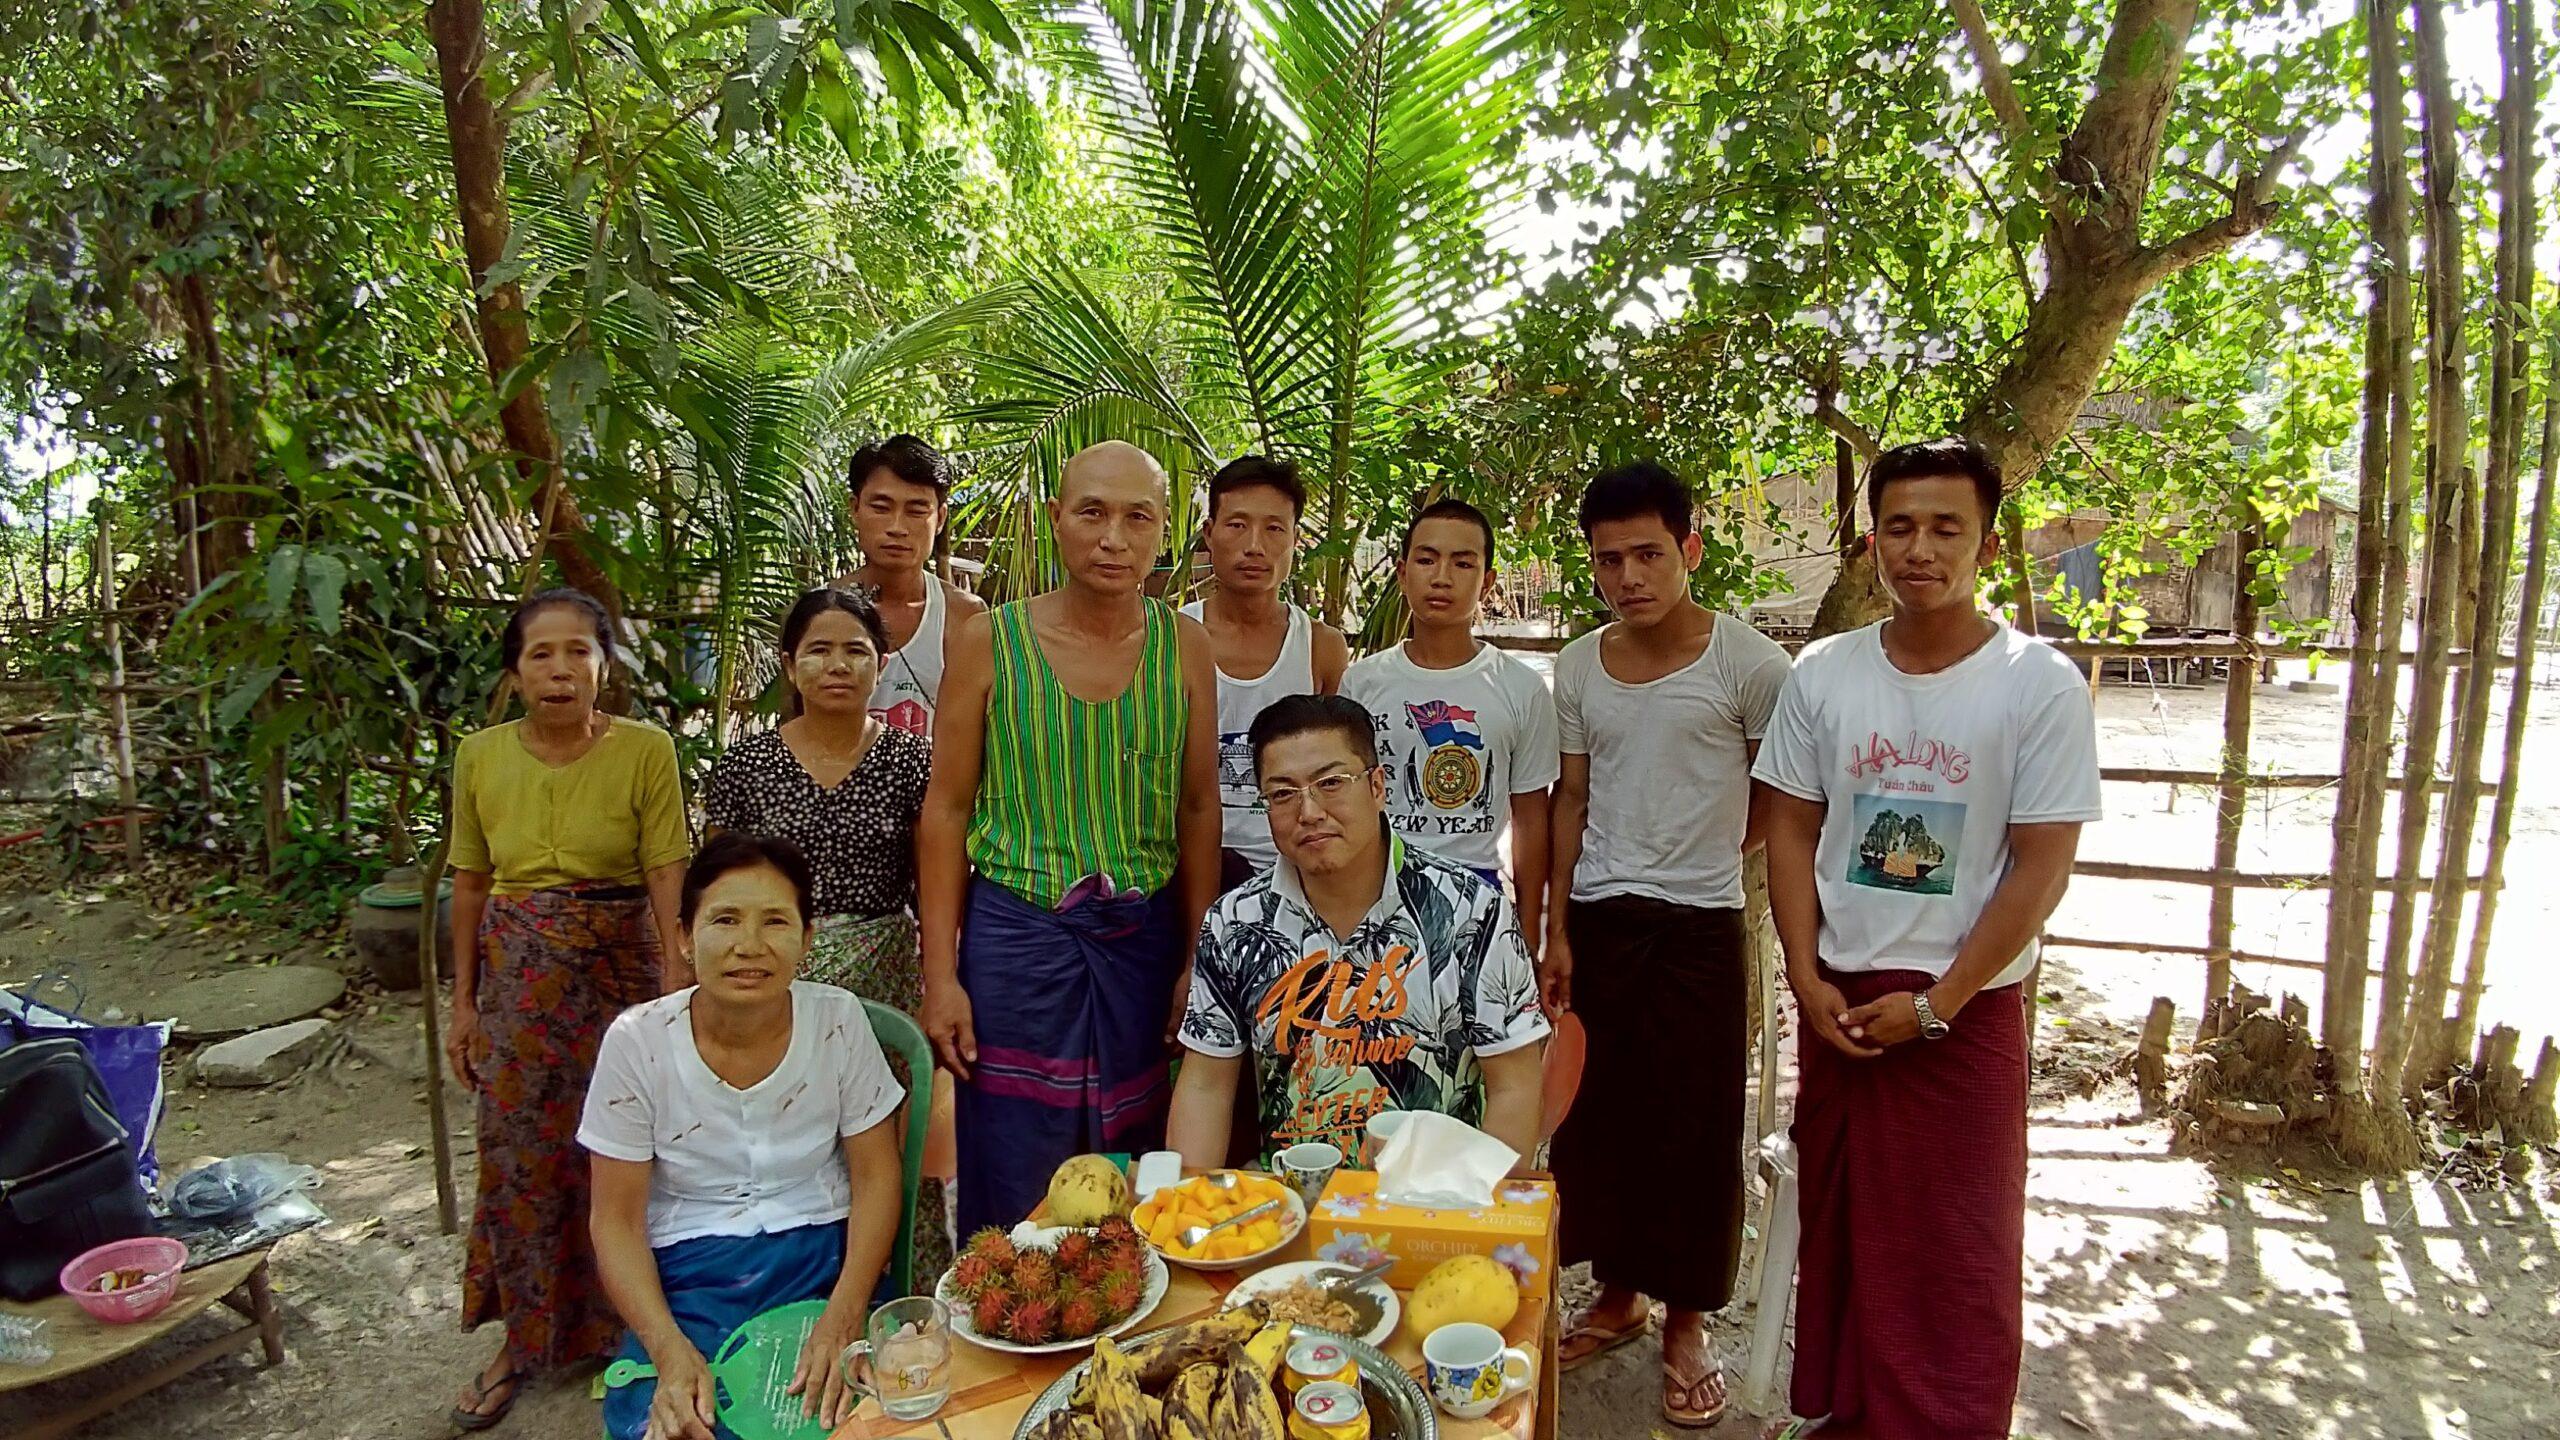 ヤンゴン中心から車で3時間ほどの技能実習生家庭訪問